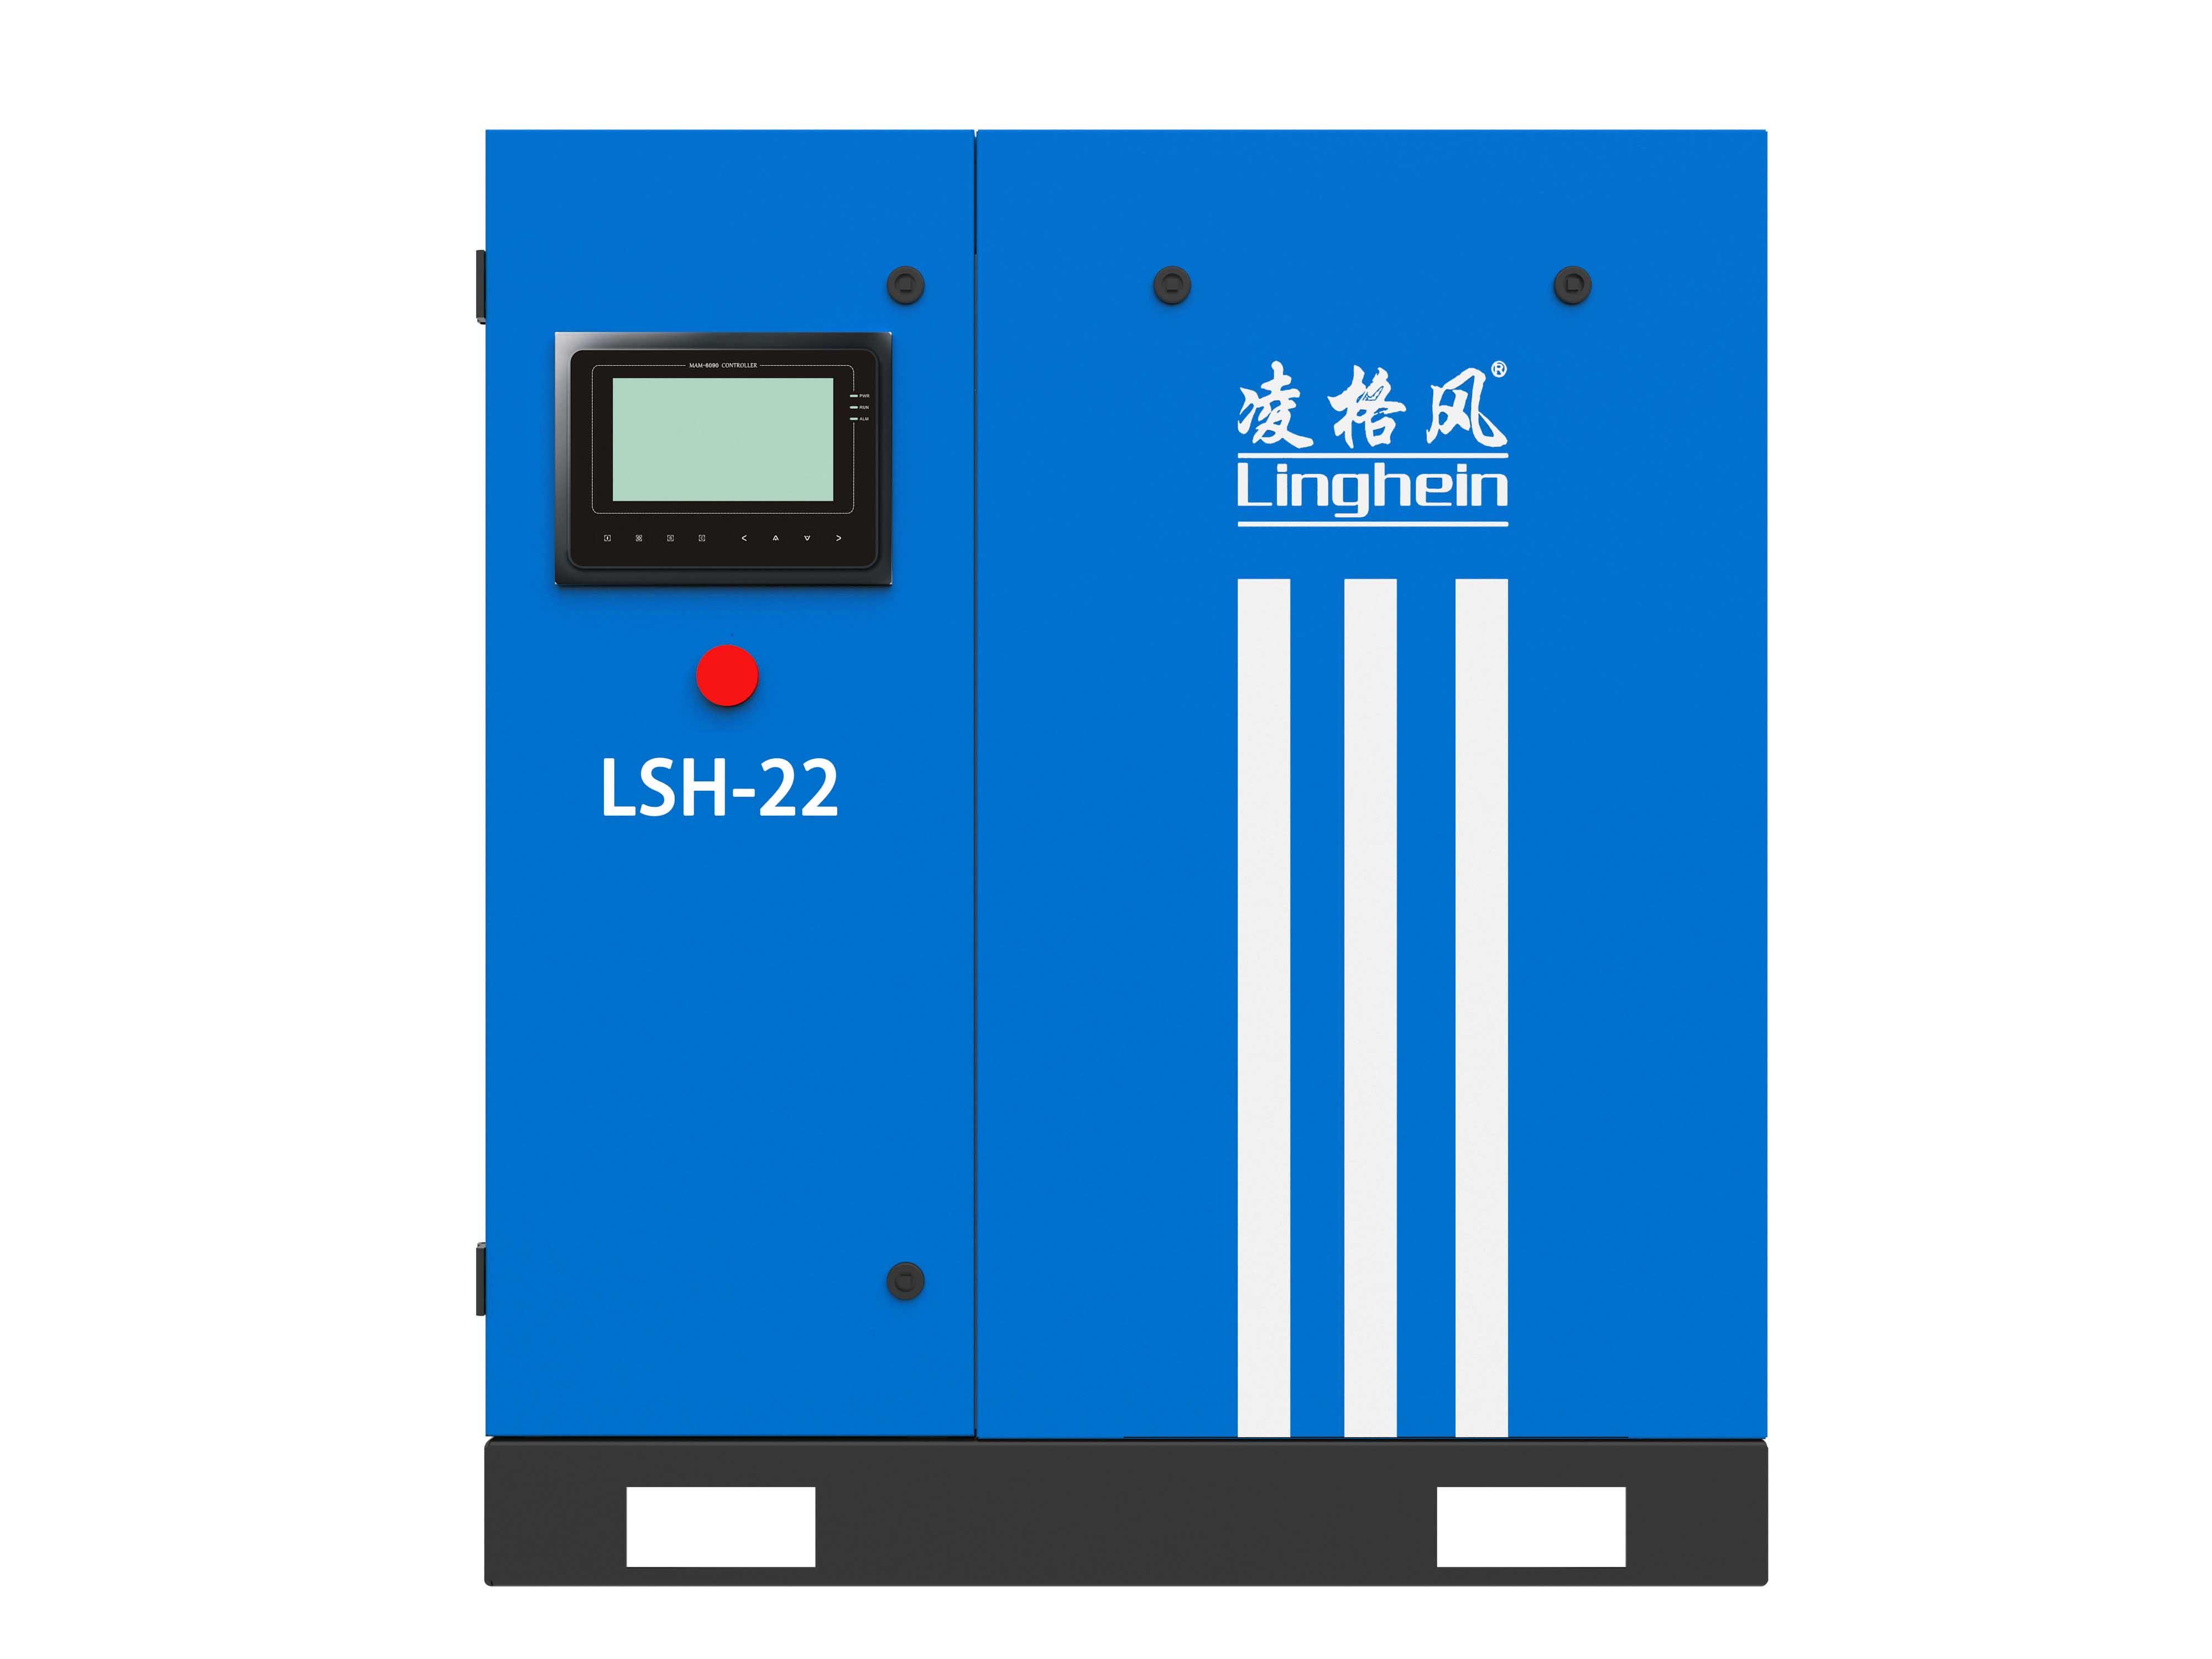 江苏定频螺杆空压机官网 推荐咨询 上海凌格风气体技术供应